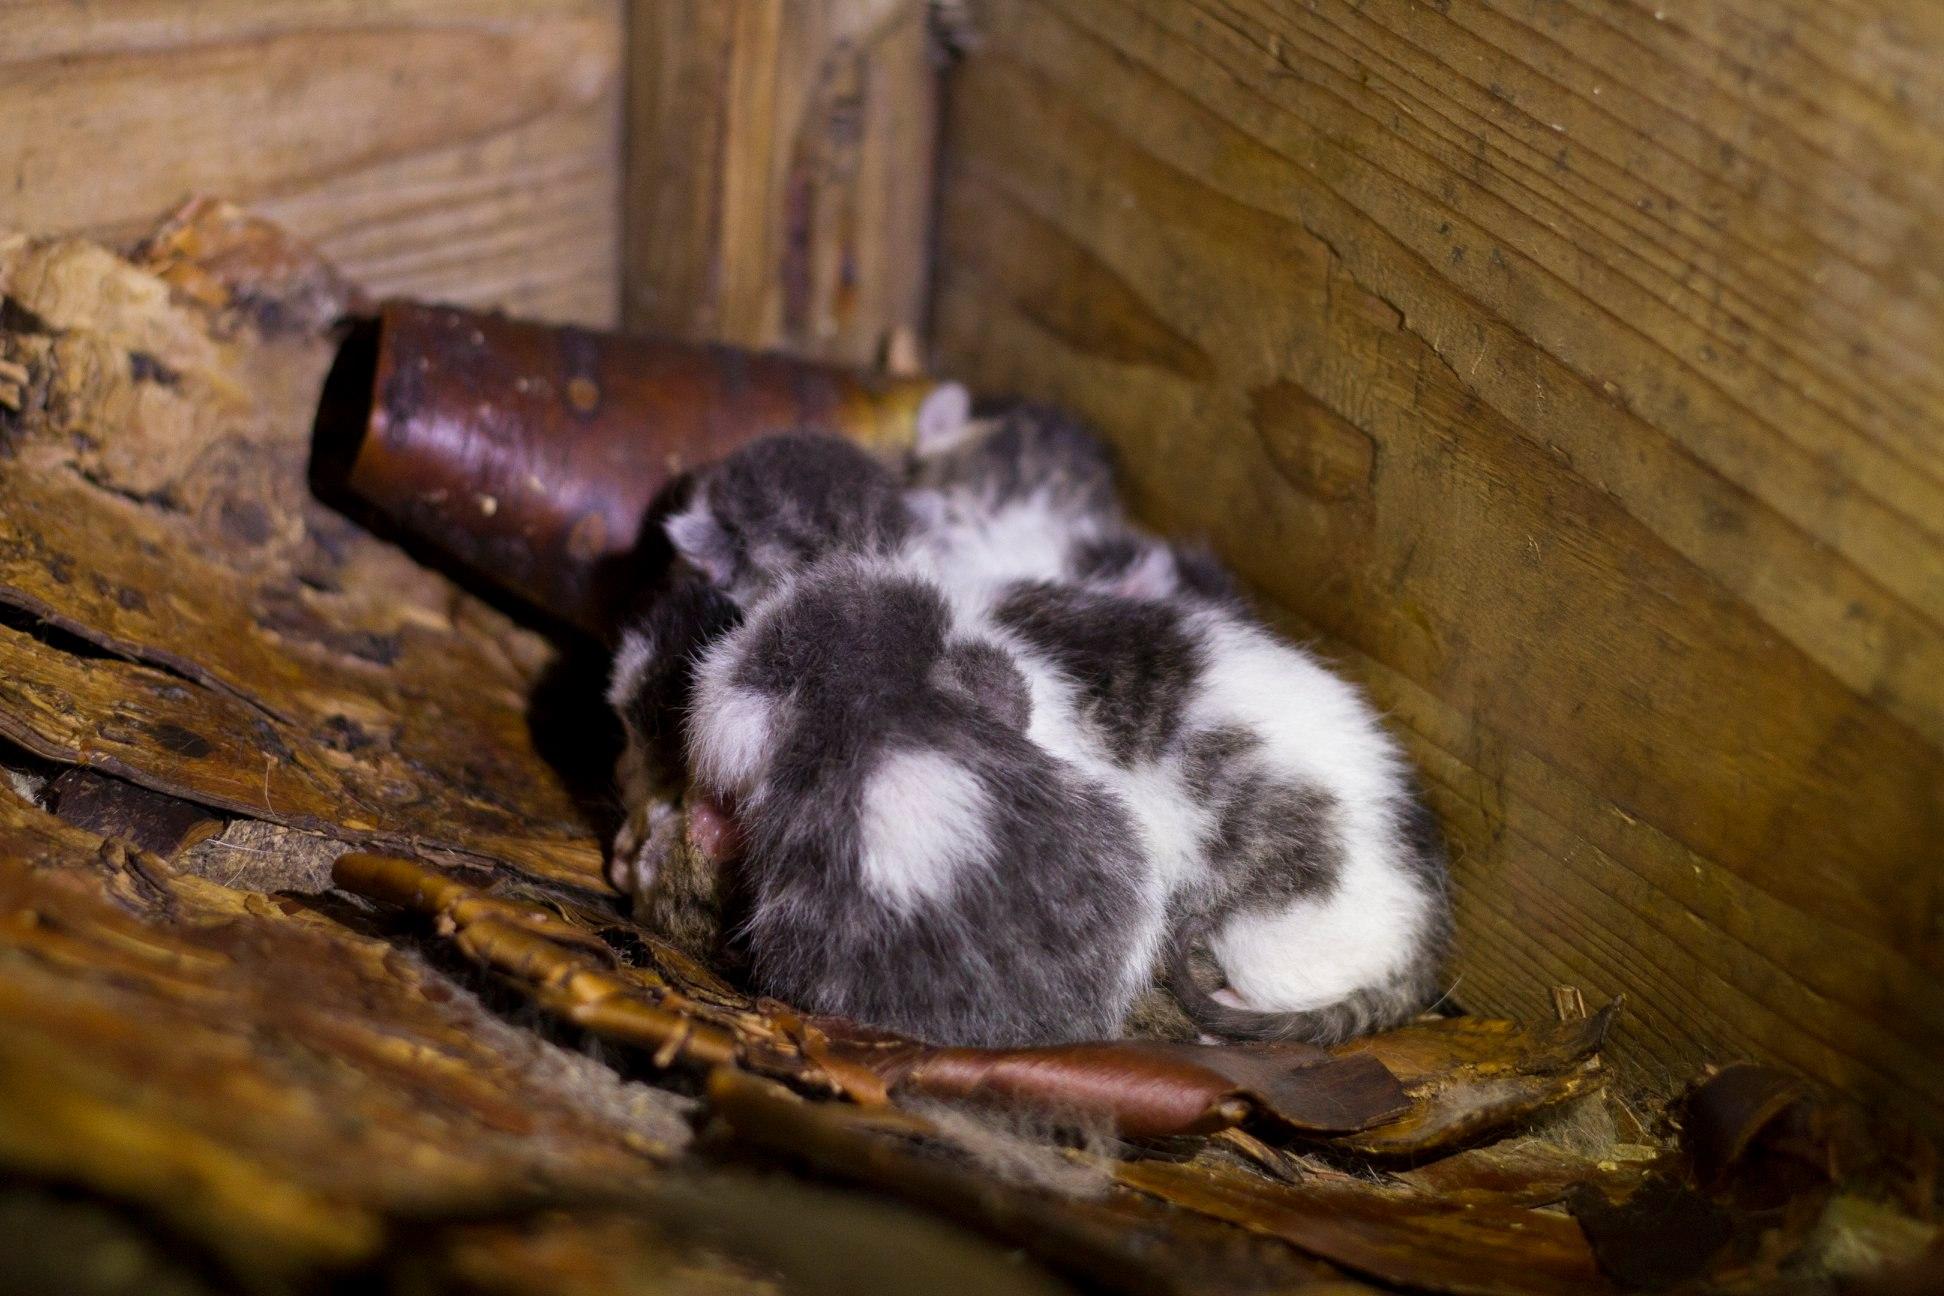 Noen søte små i en låve. De har ennå ikke åpnet øynene.